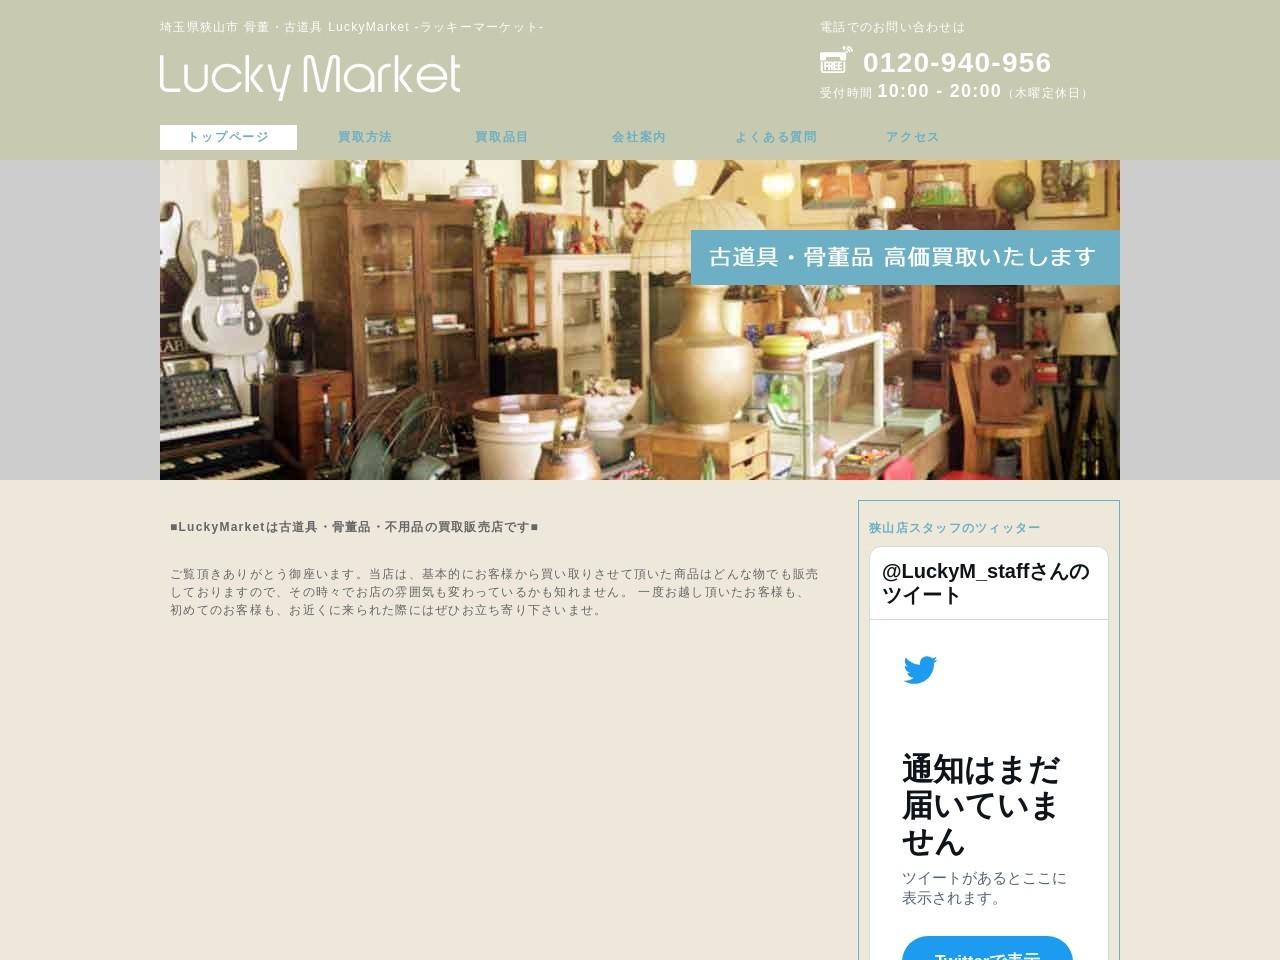 骨董・古道具 LuckyMarket